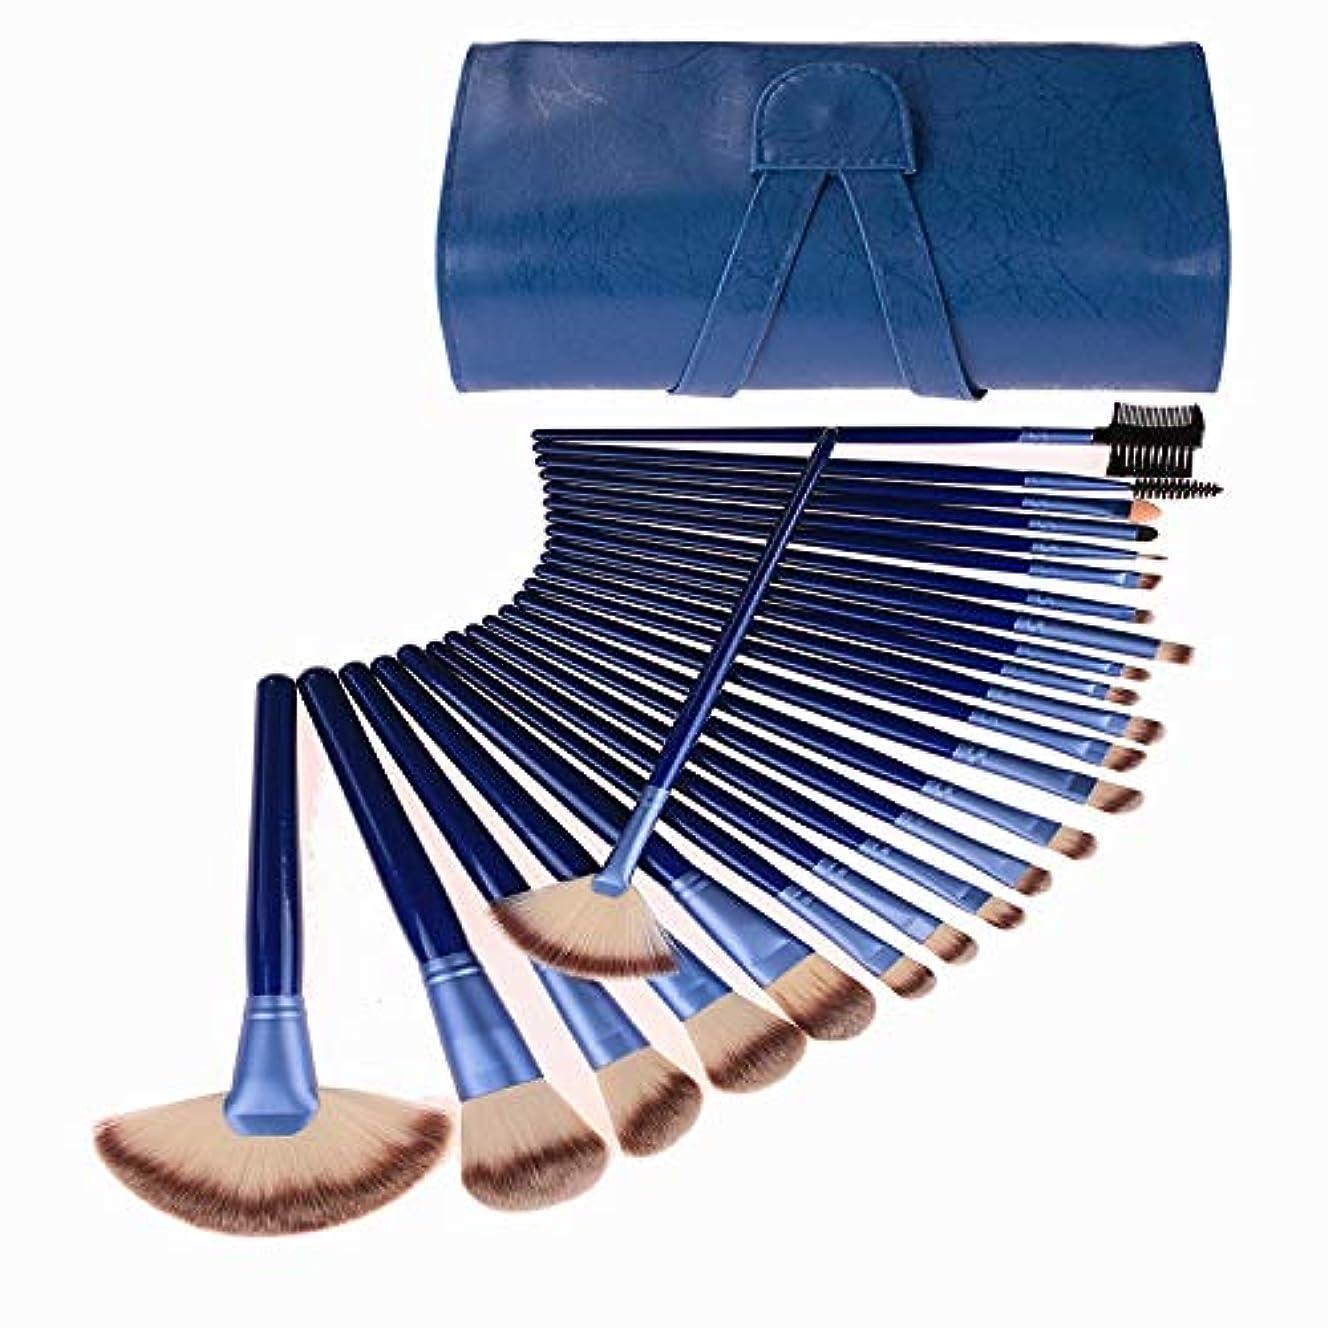 政治家の伝導率にんじん化粧ブラシスタートメーカー24個天然竹化粧ブラシセットビーガンプロ化粧品歌舞伎ブラシ化粧ブラシセット非常に柔らかい化粧ブラシセット美容スポンジ (Color : Blue)